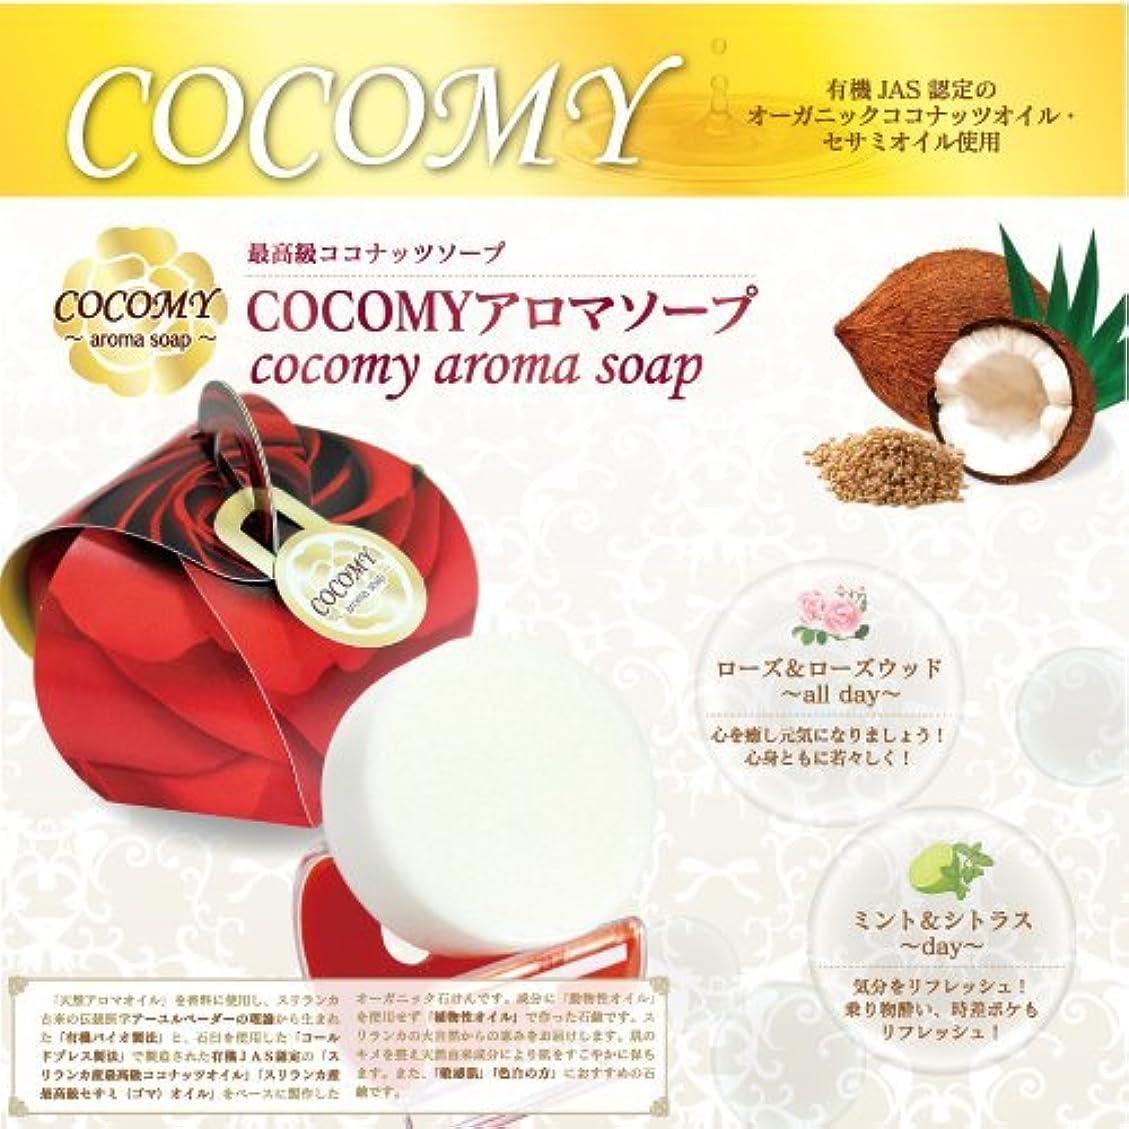 近代化する怖がって死ぬコピーCOCOMY aromaソープ 2個セット (ミント&シトラス)(ローズ&ローズウッド) 40g×各1